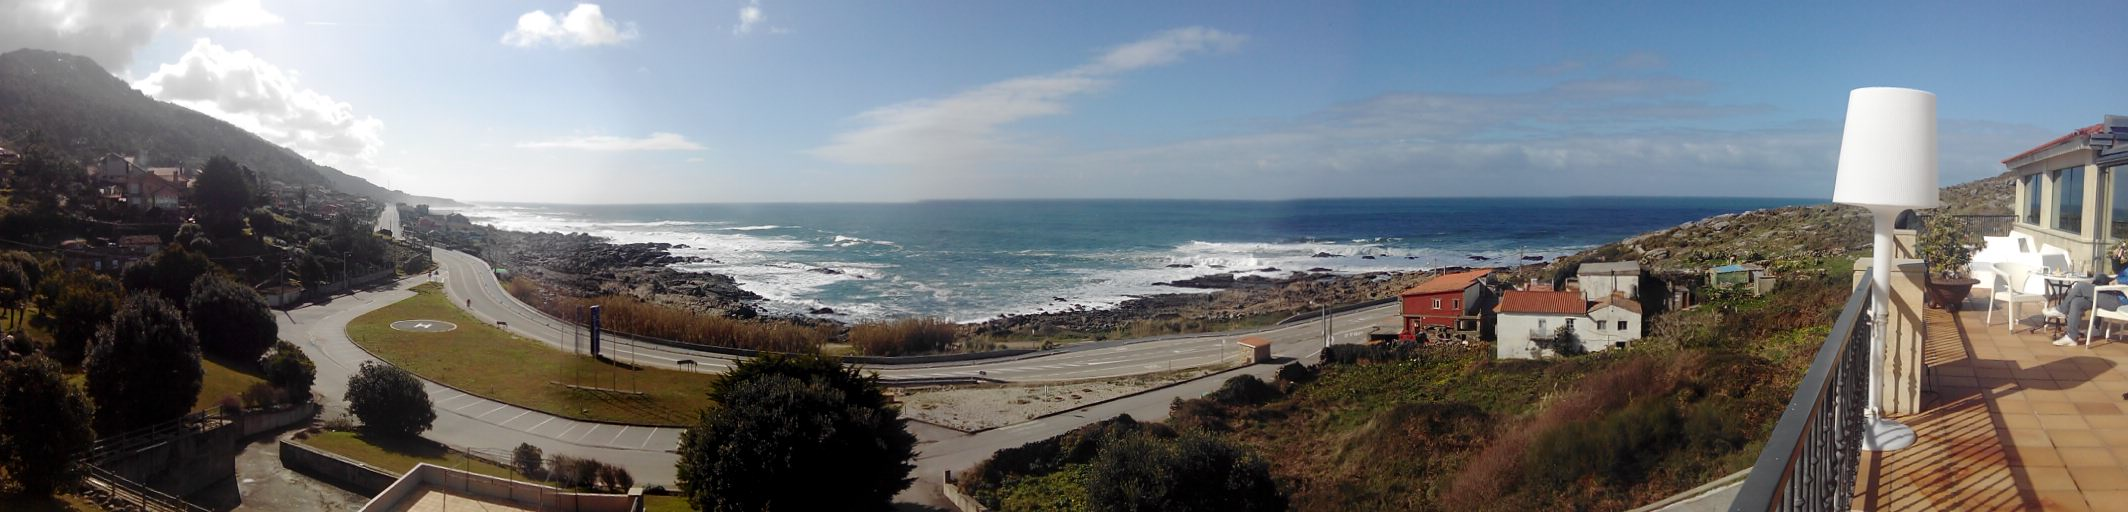 Talaso Atlantico trabajar con influencers turismo Galicia